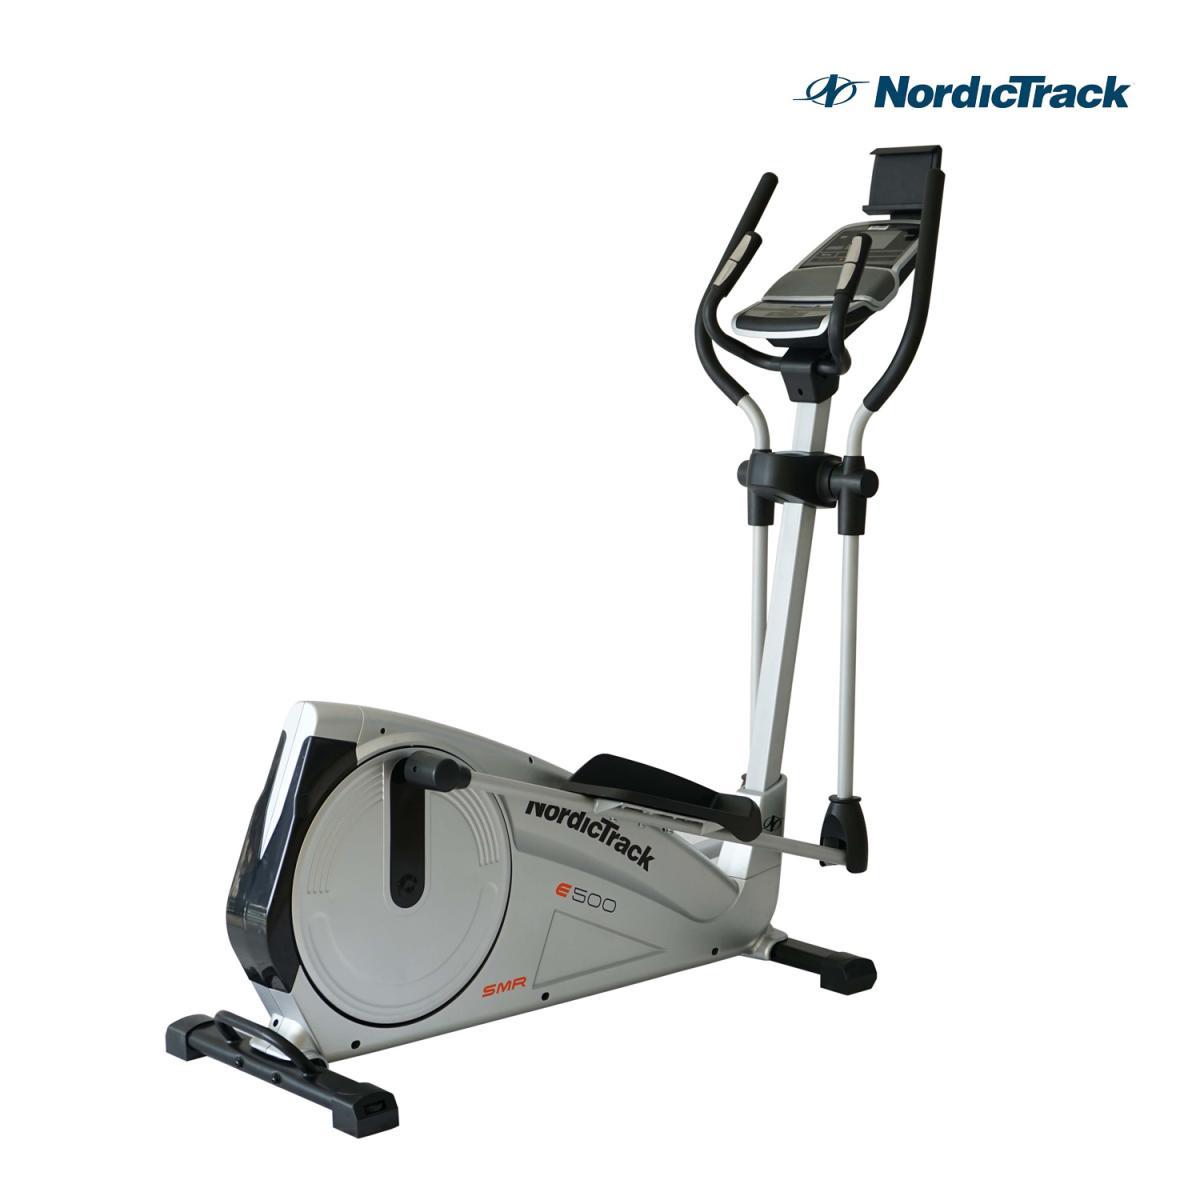 Эллиптический тренажер NordicTrack NTIVEL57016 эллиптический тренажер nordictrack e 600